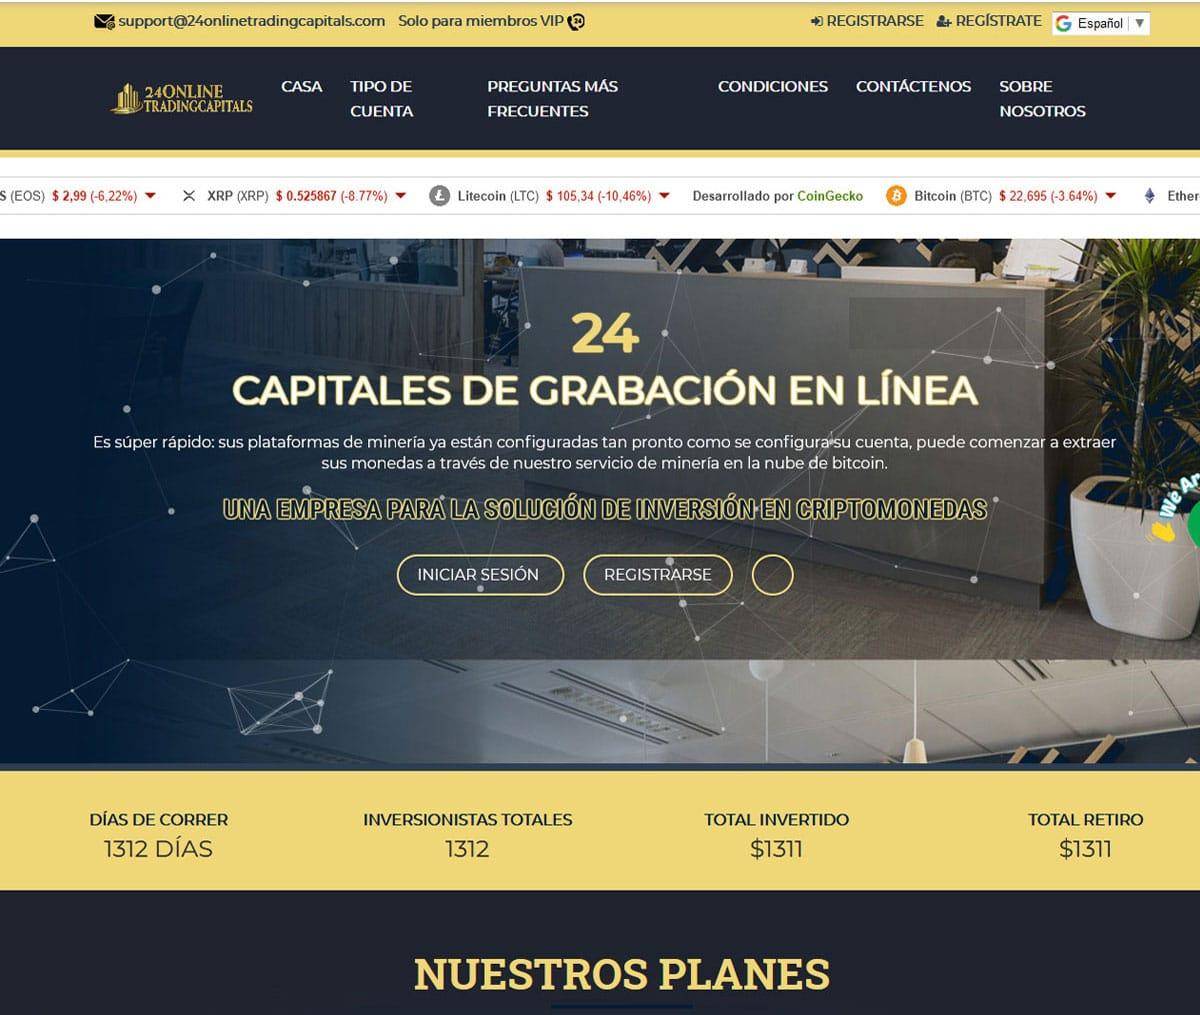 Página web de 24onlinetradingcapitals